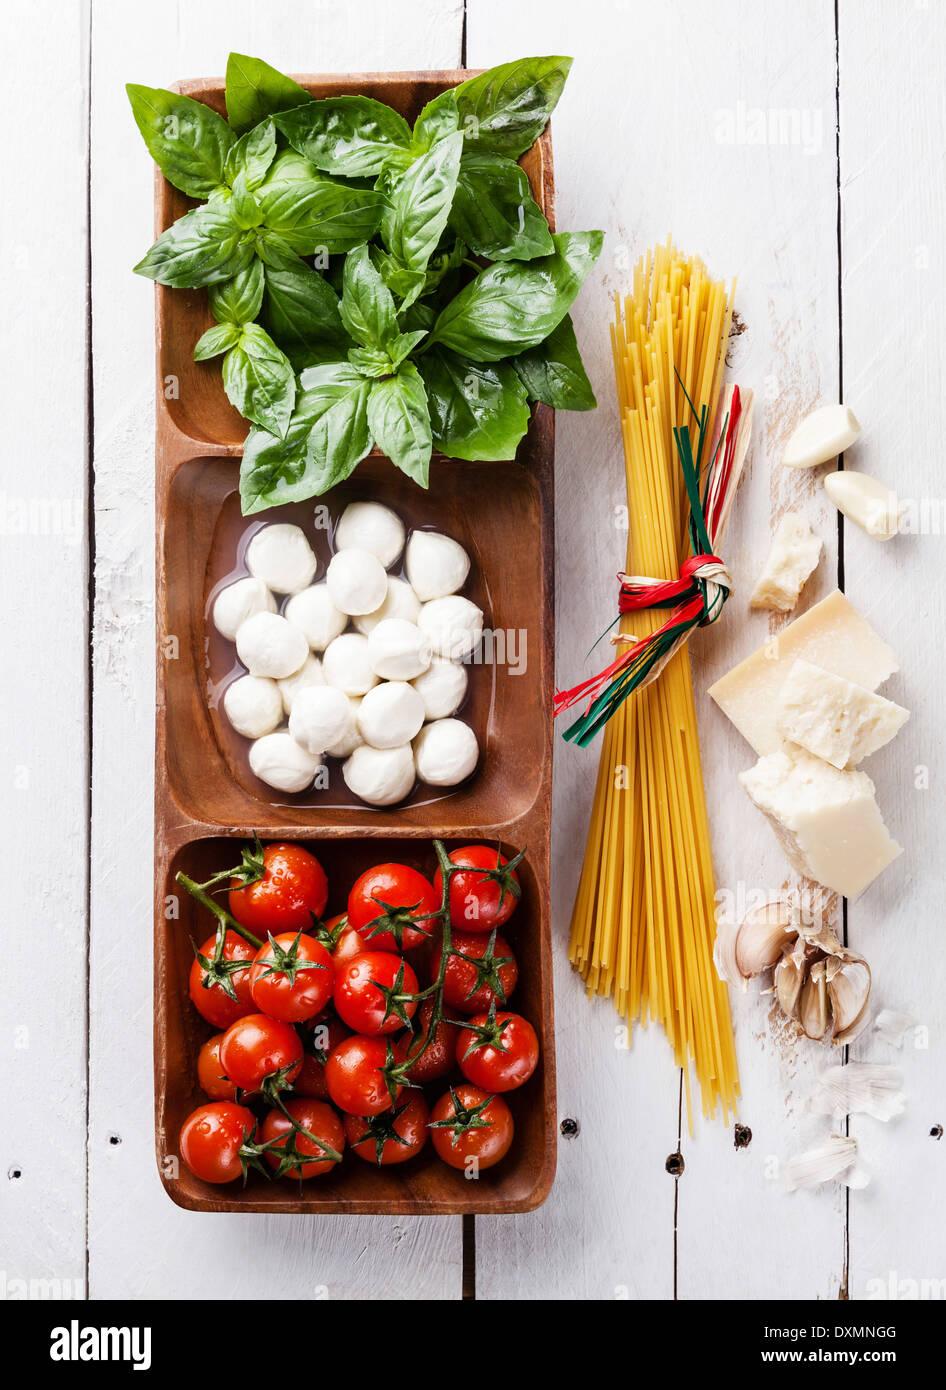 Farben der italienischen Flagge mit grünen Basilikum, weißer Mozzarella, rote Tomaten, Parmesan und spaghetti Stockbild